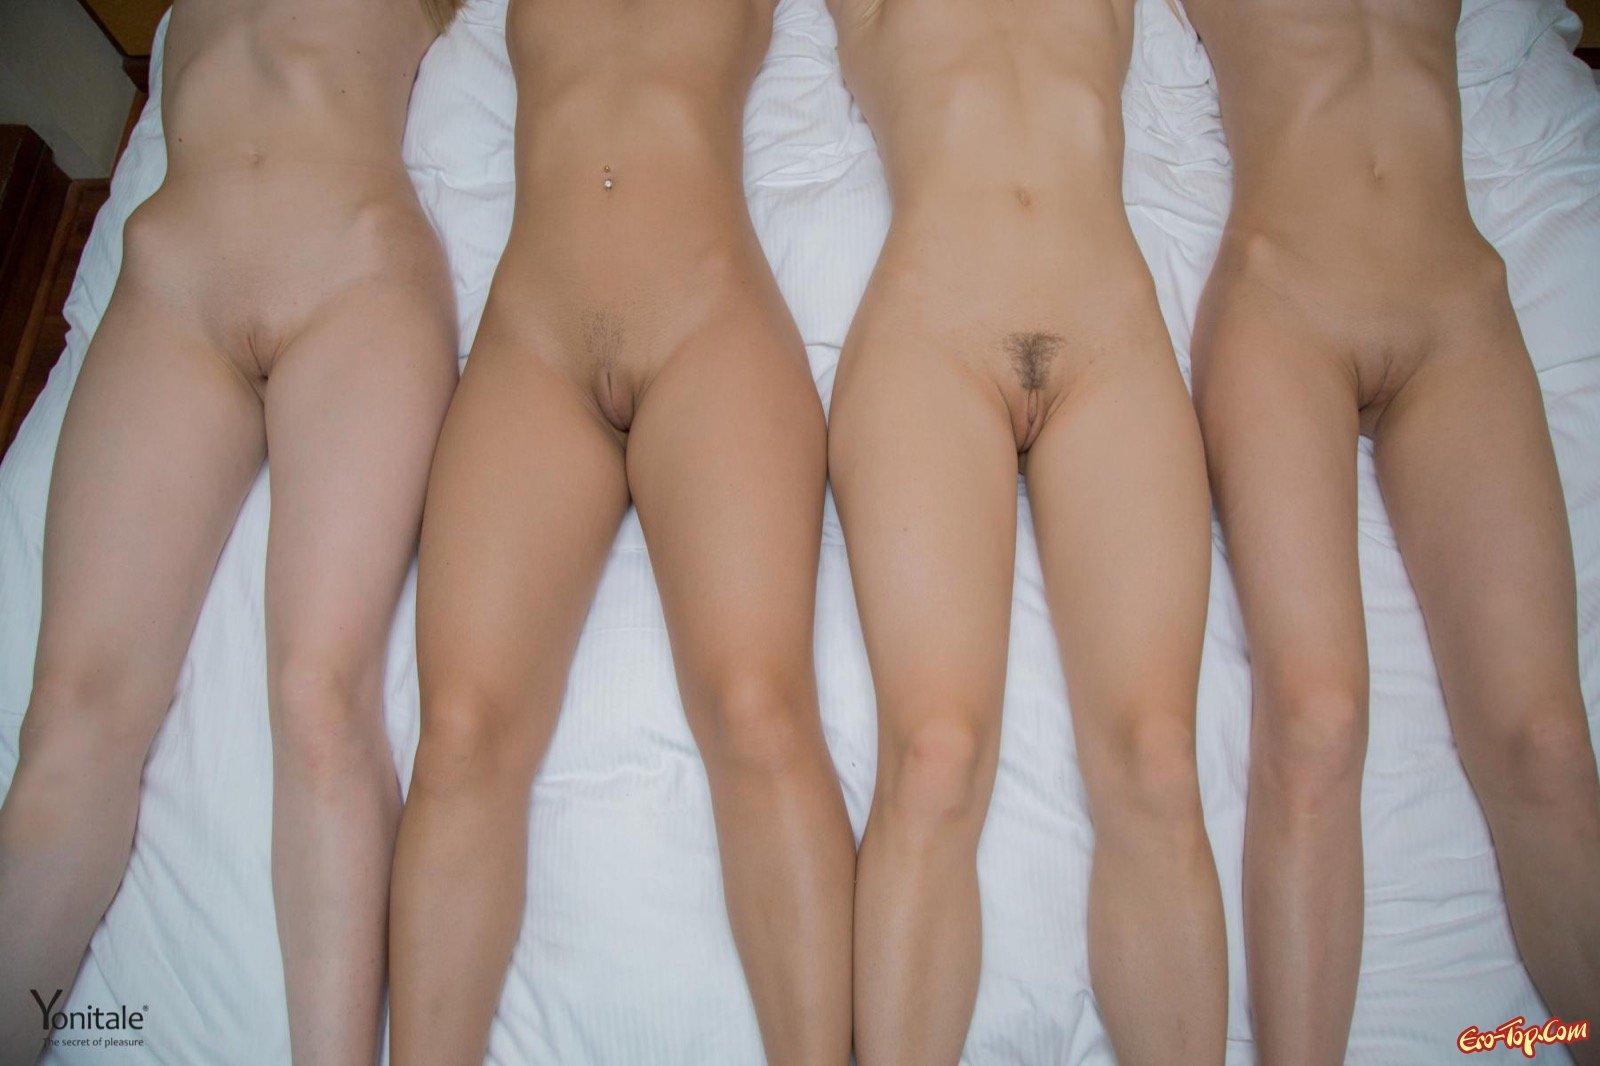 Четыре светлые девушки голыми позируют в постели